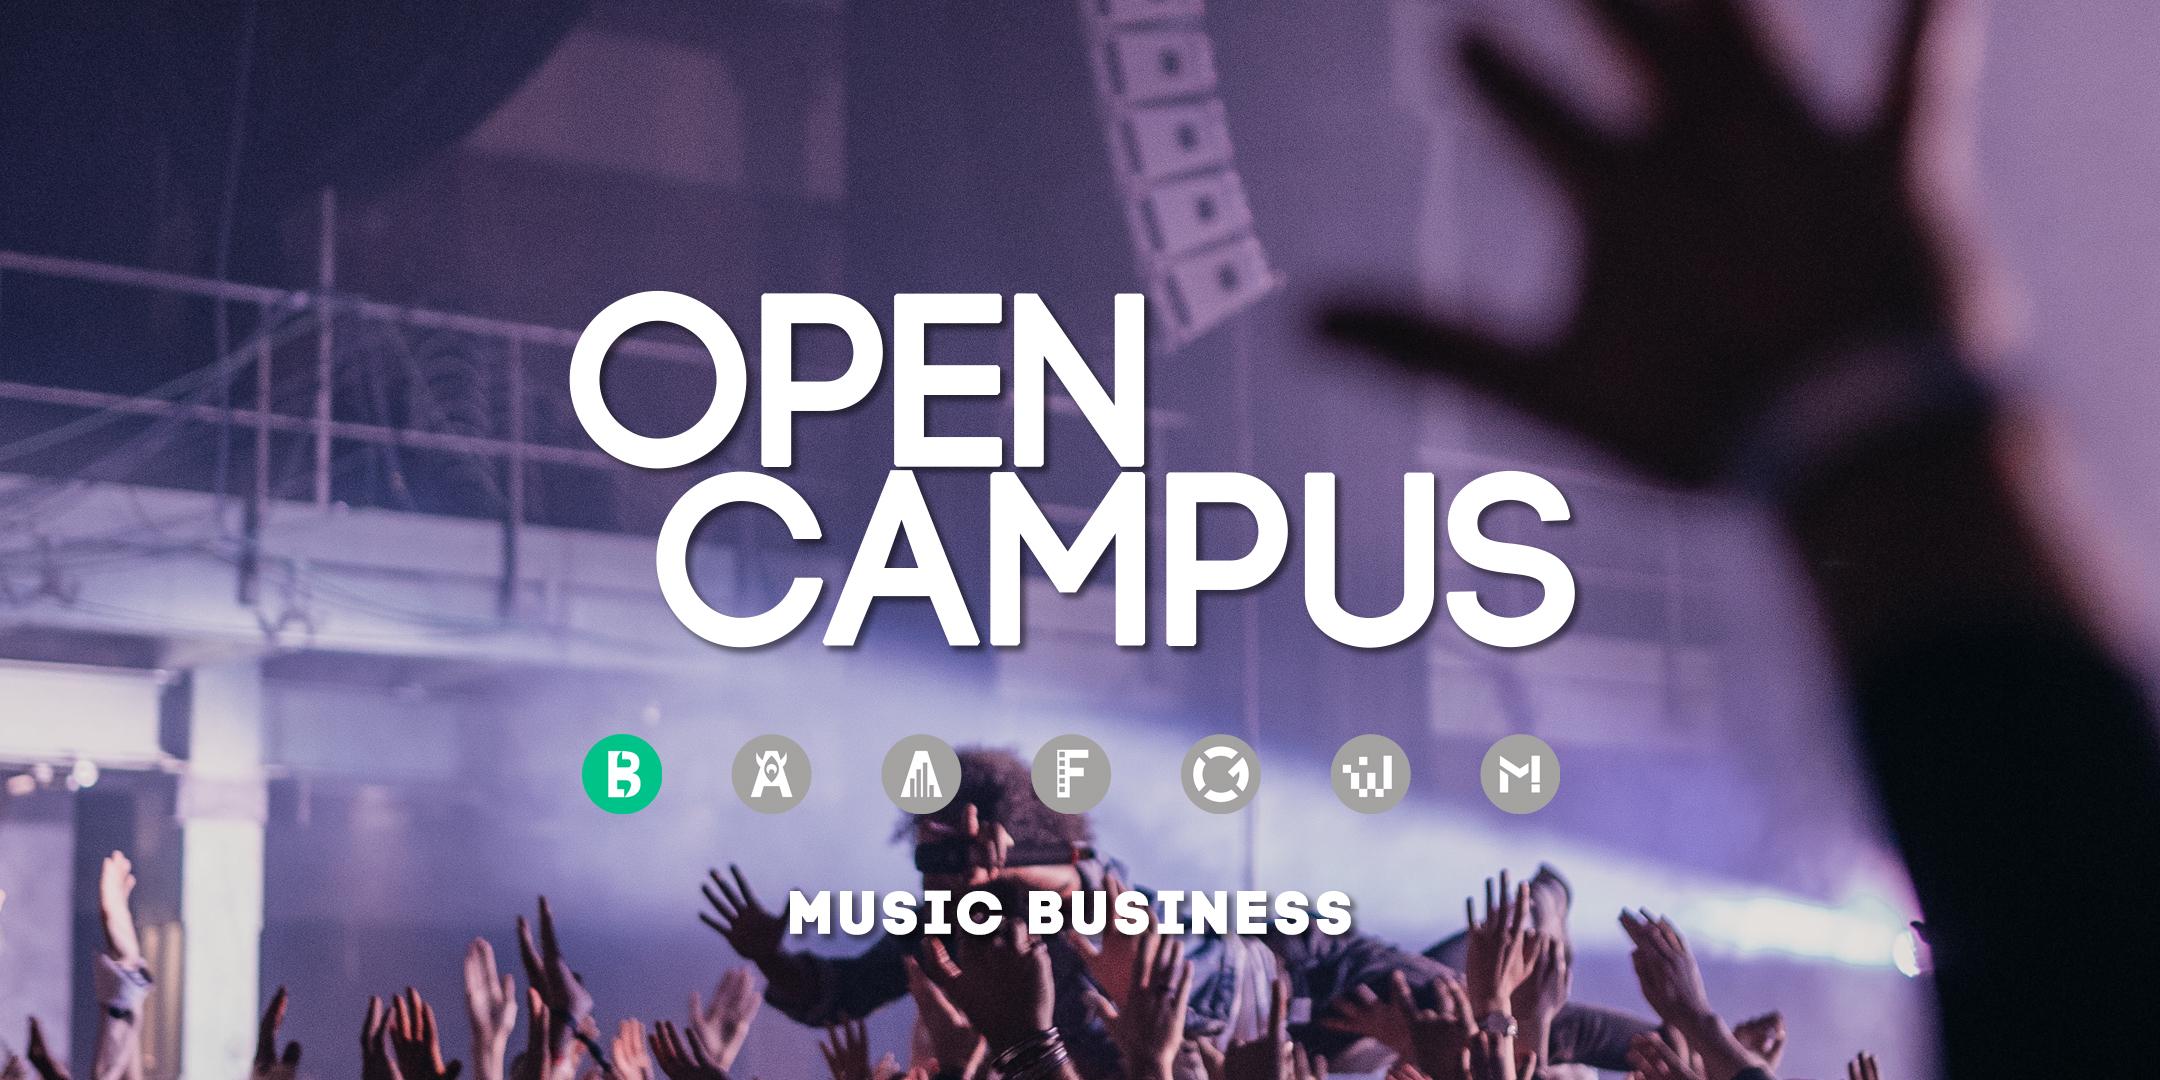 Fachbreiech: Music Business